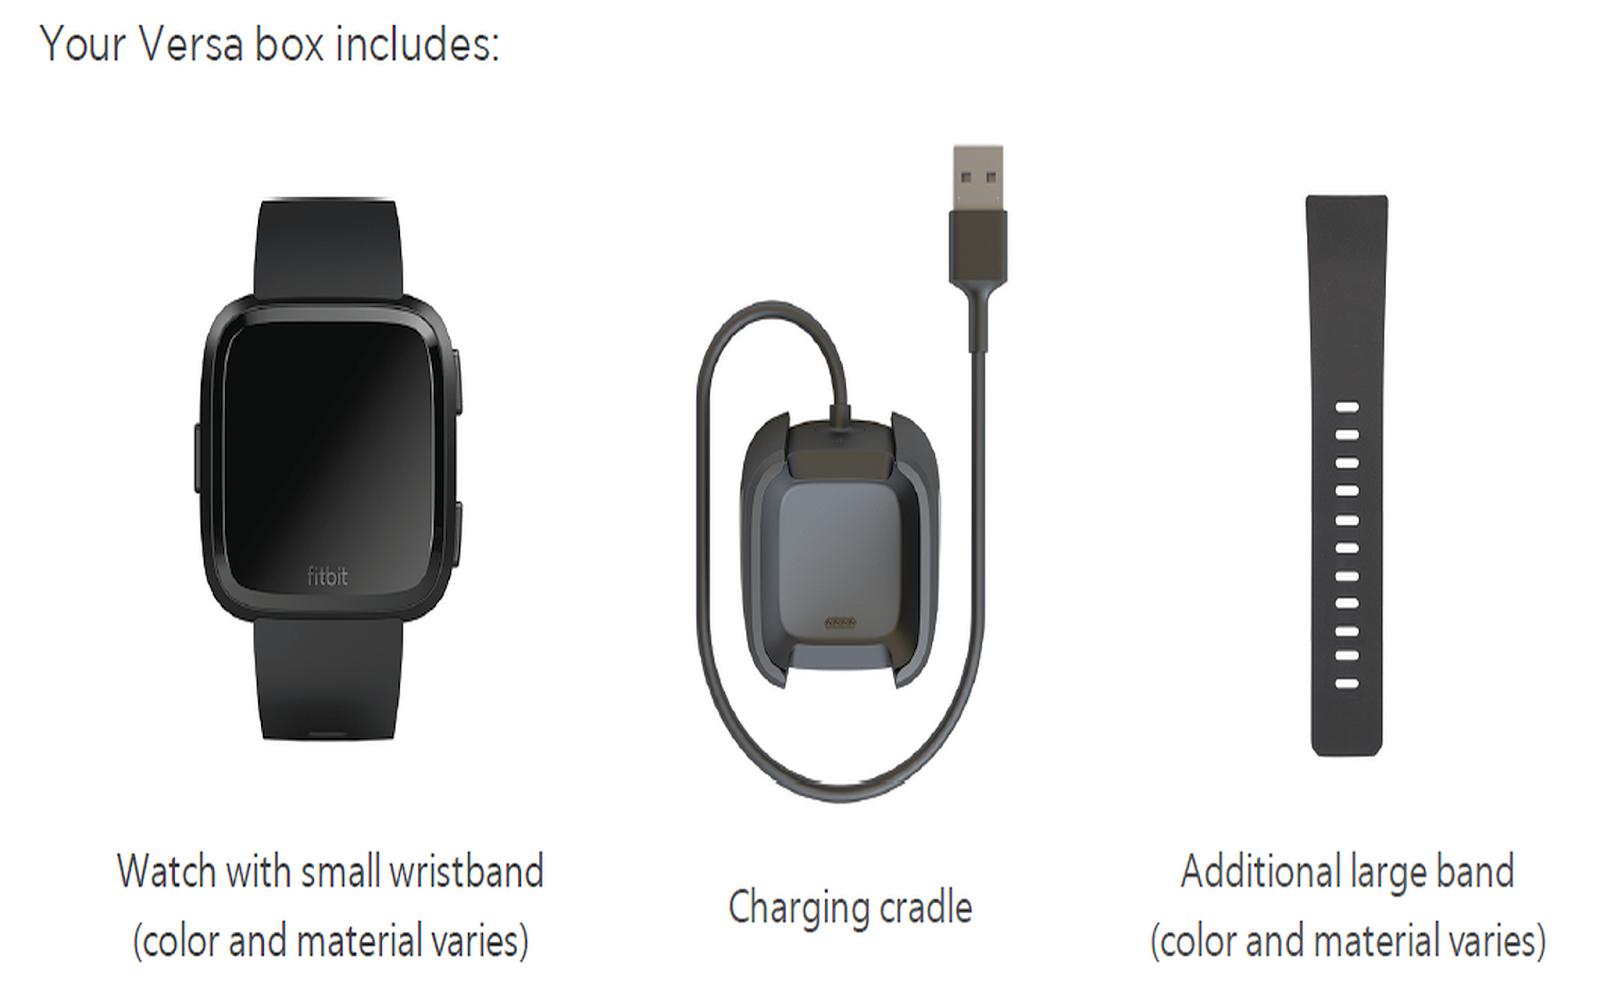 Fitbit Versa User Guide PDF | Fitbit Manual